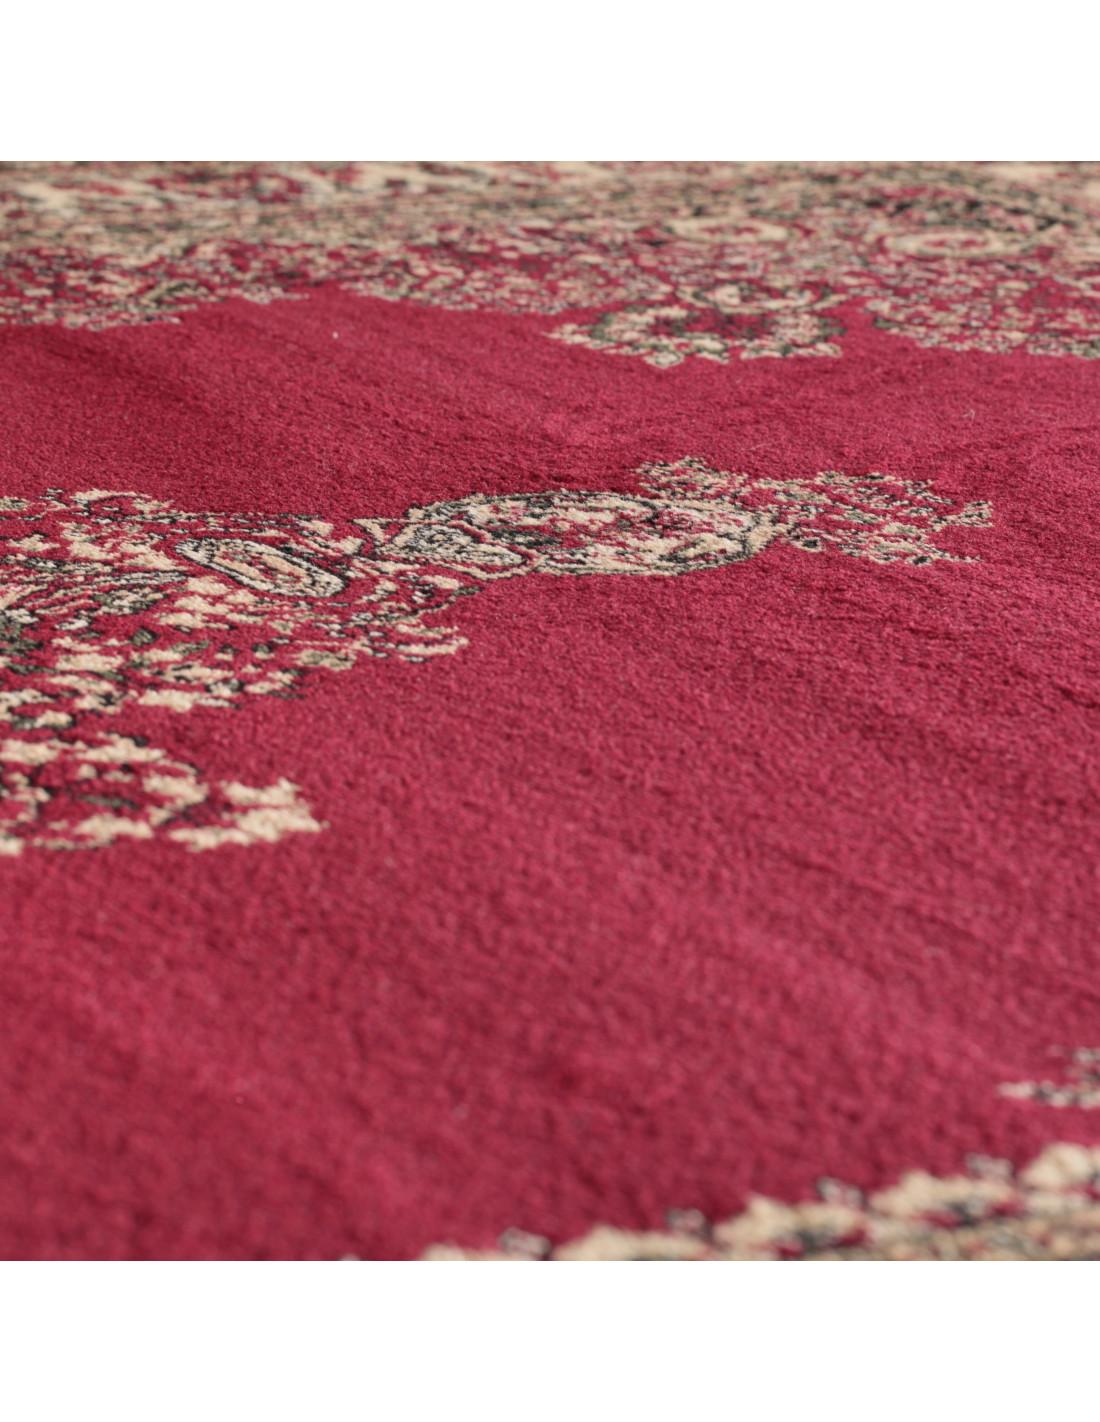 Classico Orientale, Soggiorno Tappeto Marrakesh-Rosso